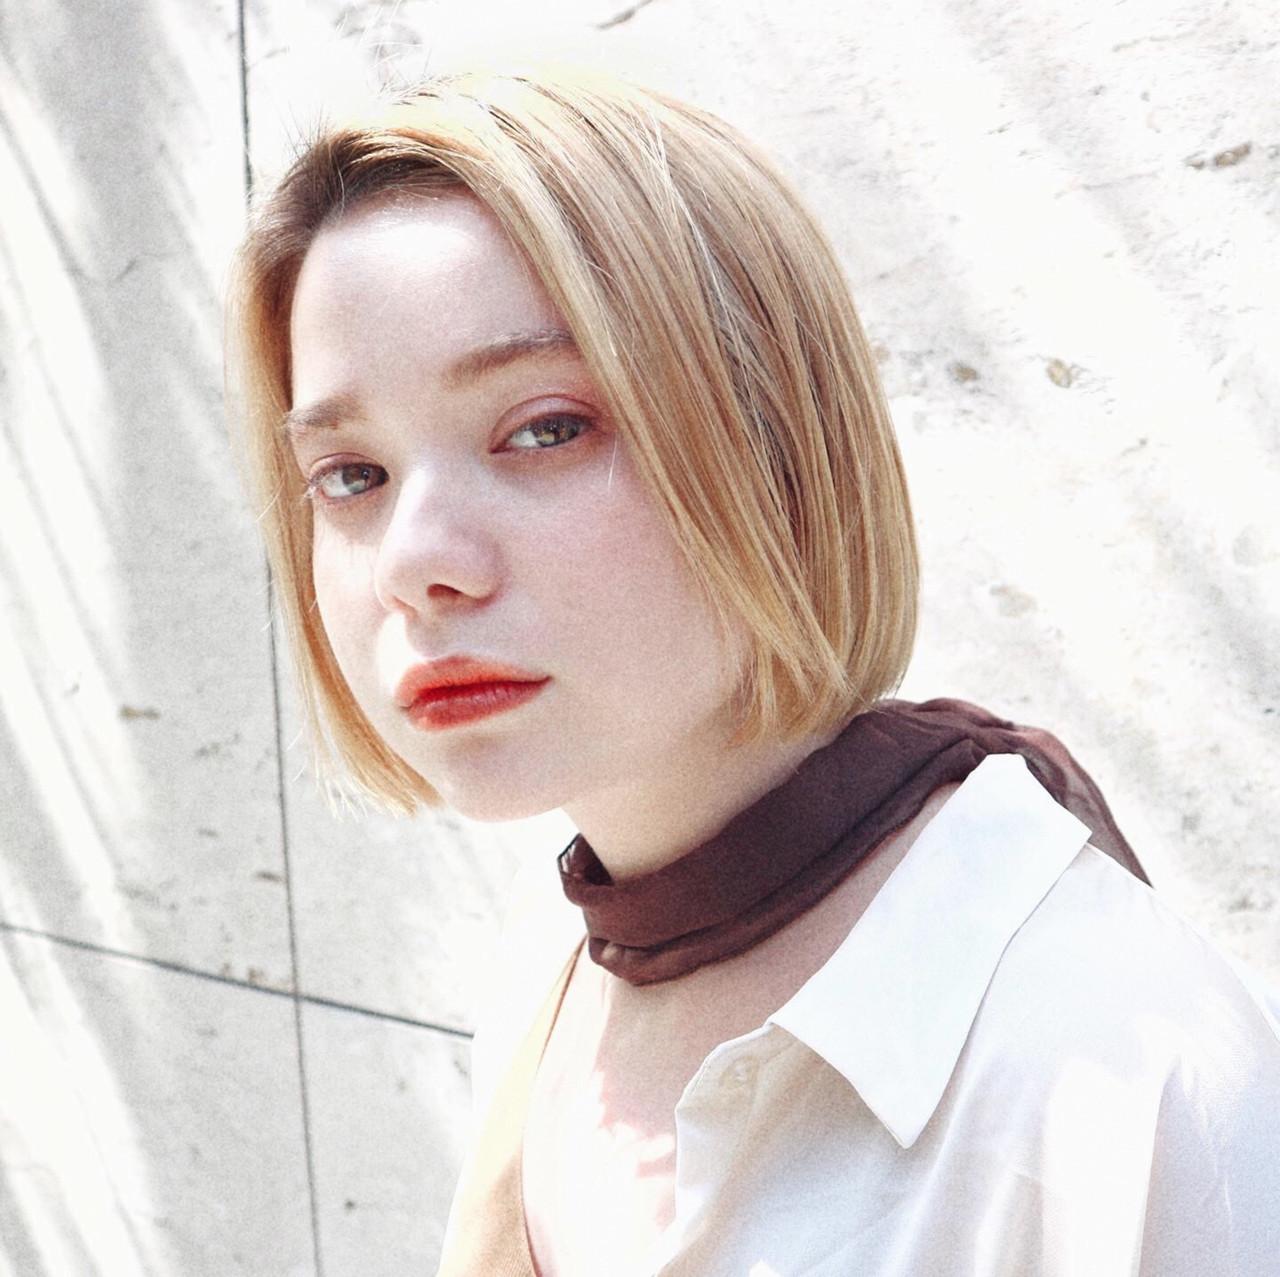 ベージュカラー ブリーチカラー ハイトーンカラー ミニボブ ヘアスタイルや髪型の写真・画像